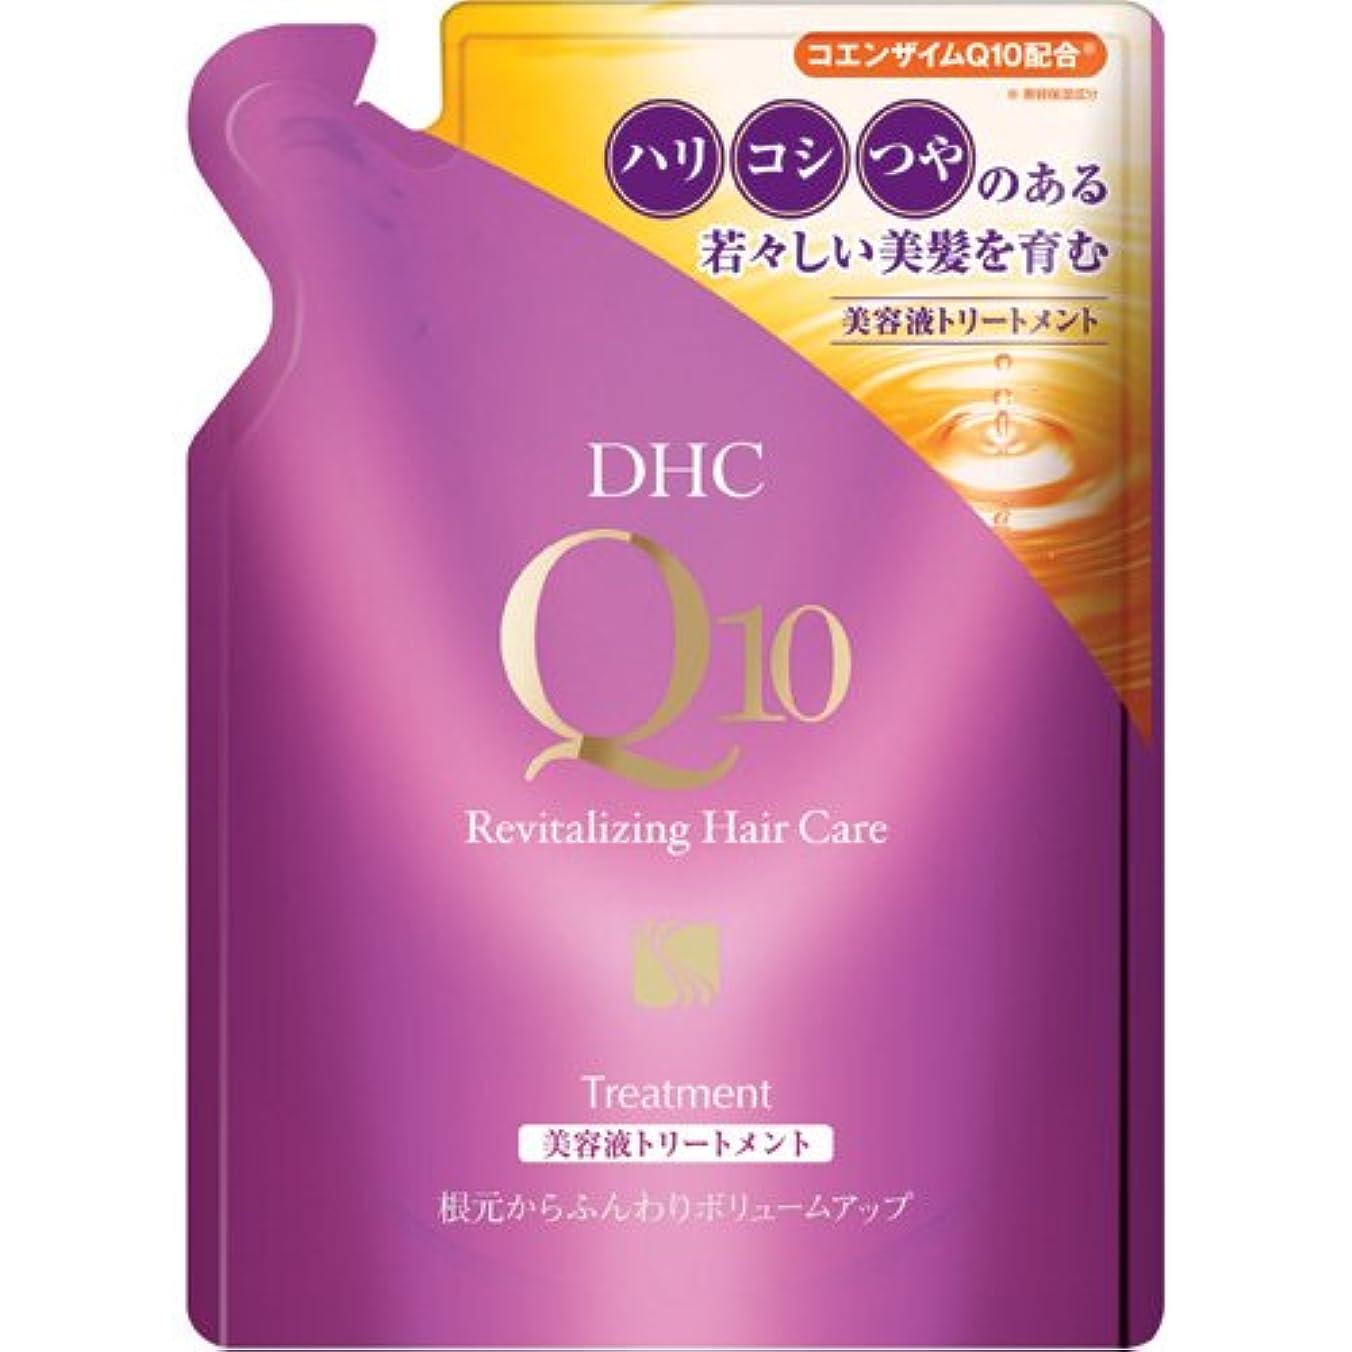 決定する合成レオナルドダDHC Q10美容液 トリートメント 詰め替え用 (SS) 240ml